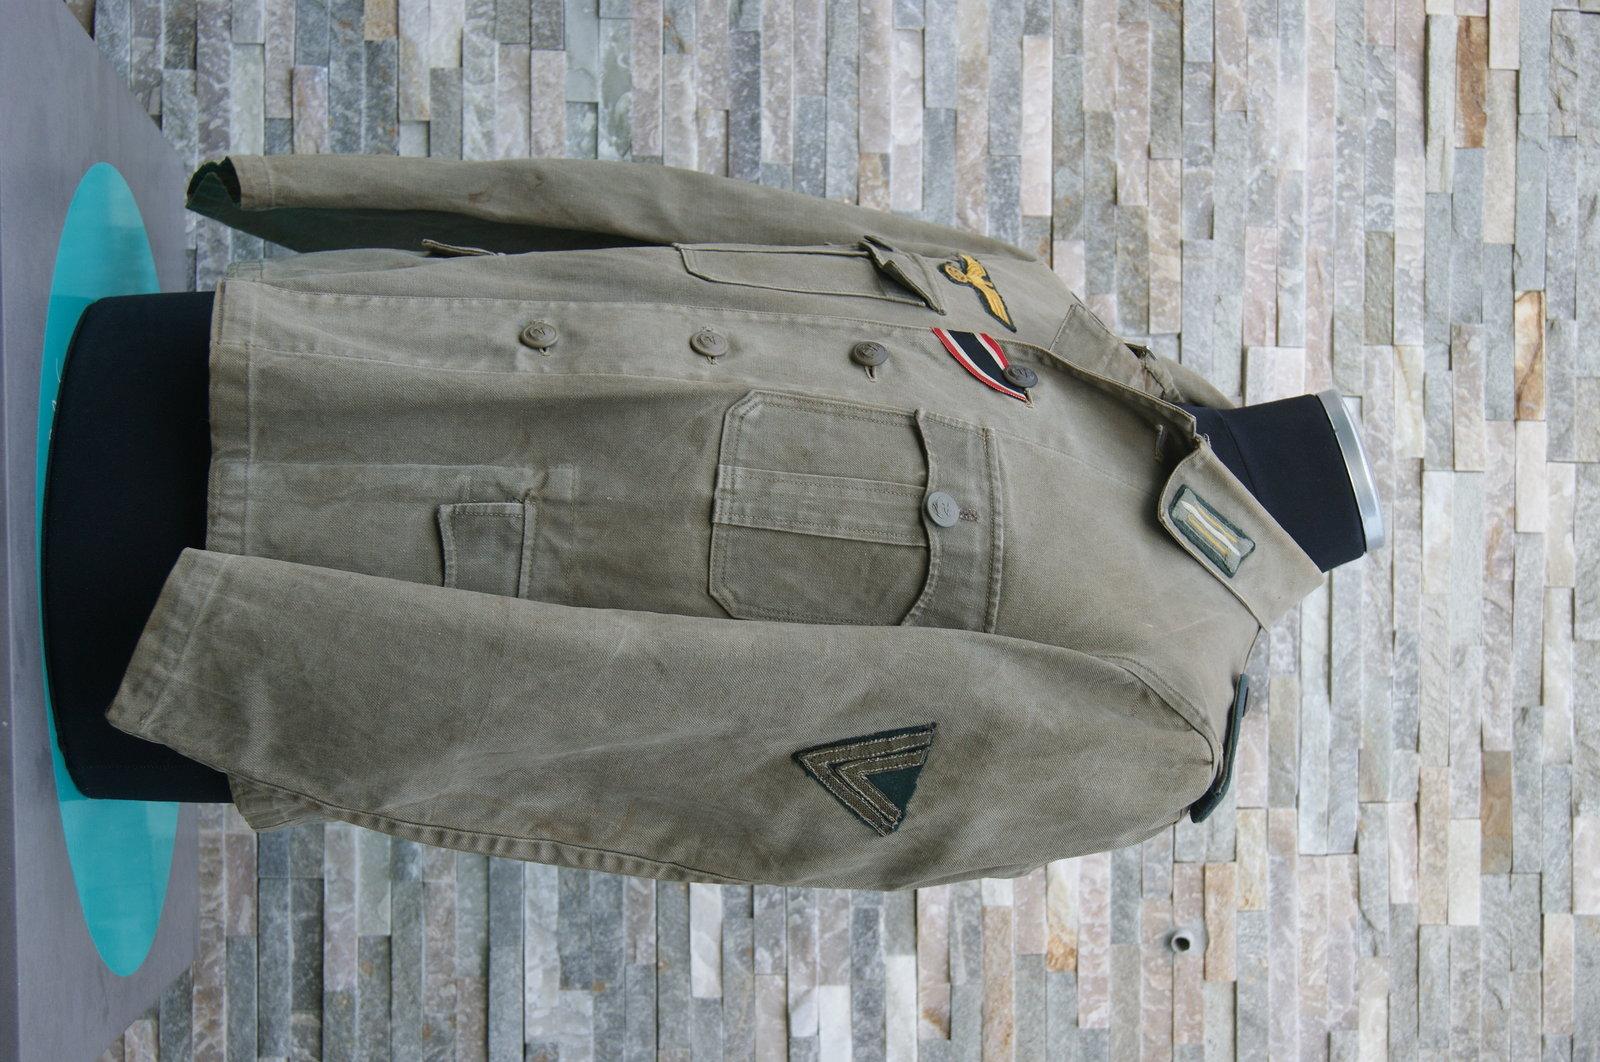 Veste toile KM Artillerie Cotière 200518093356679950